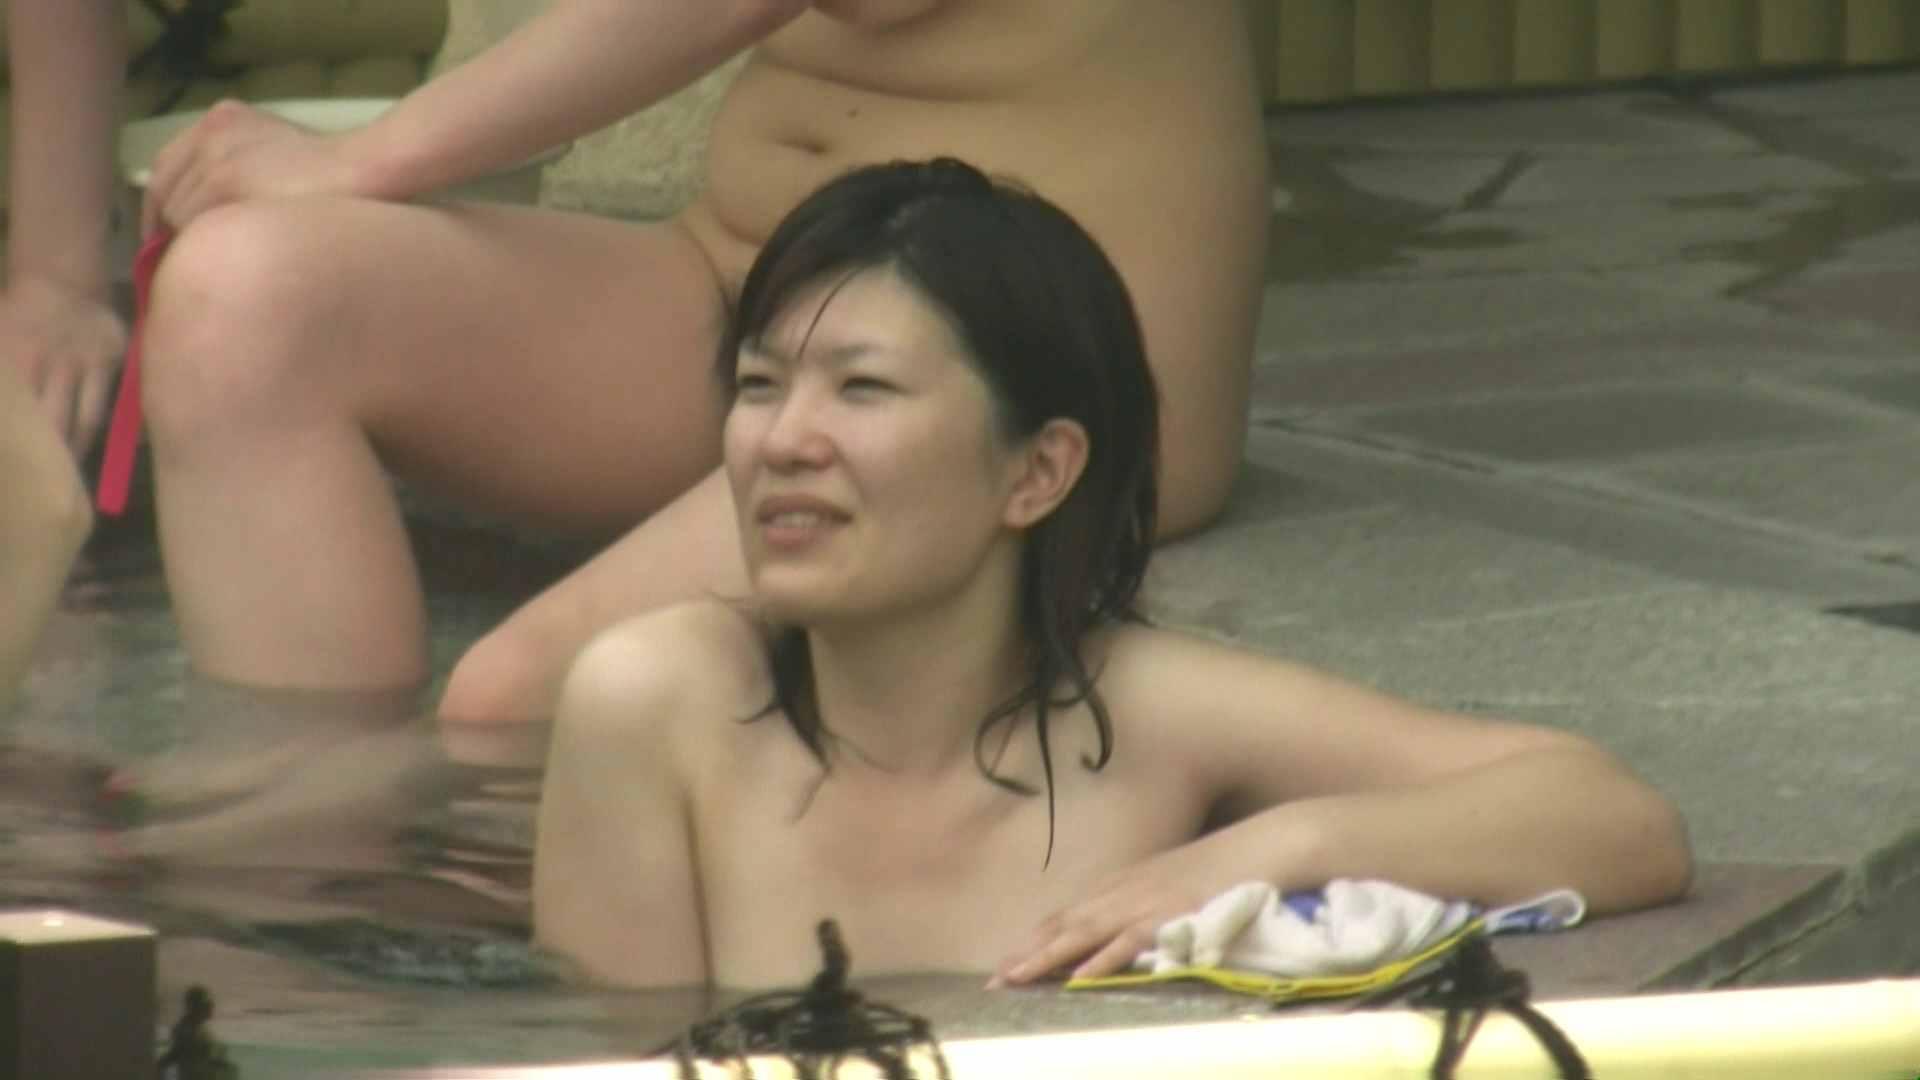 高画質露天女風呂観察 vol.024 入浴 のぞき動画画像 61画像 5